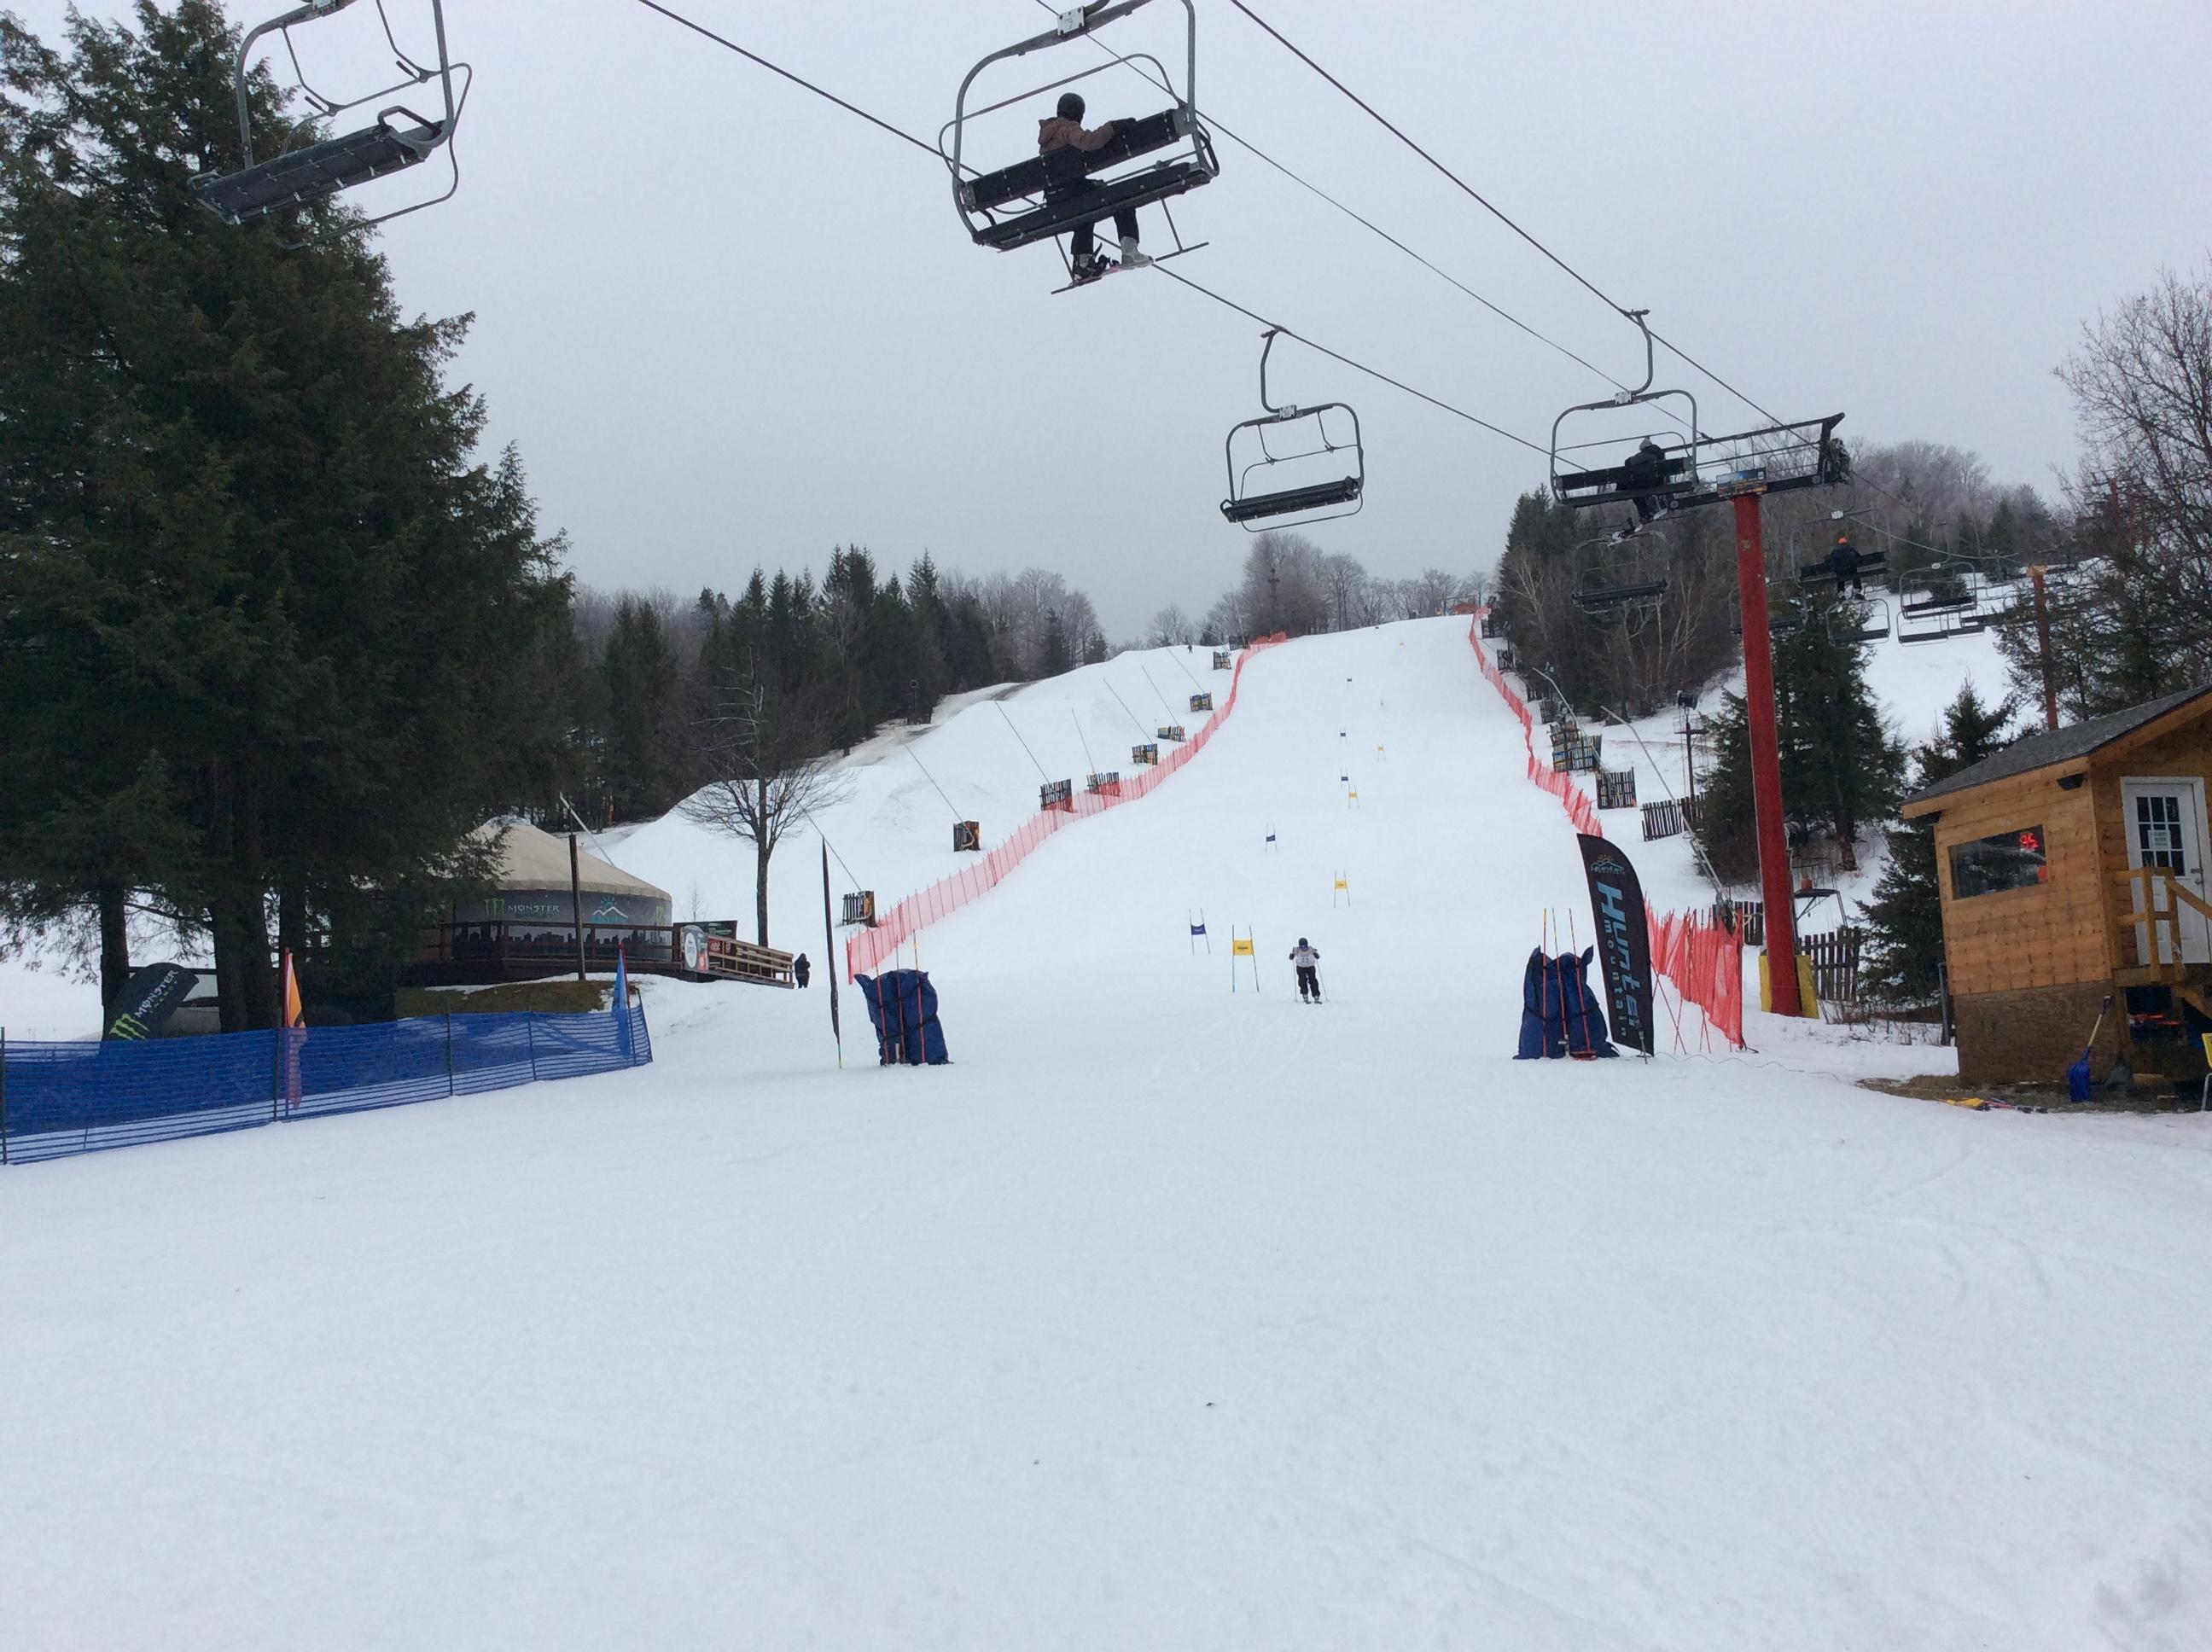 nypd-ski-club_32396172785_o